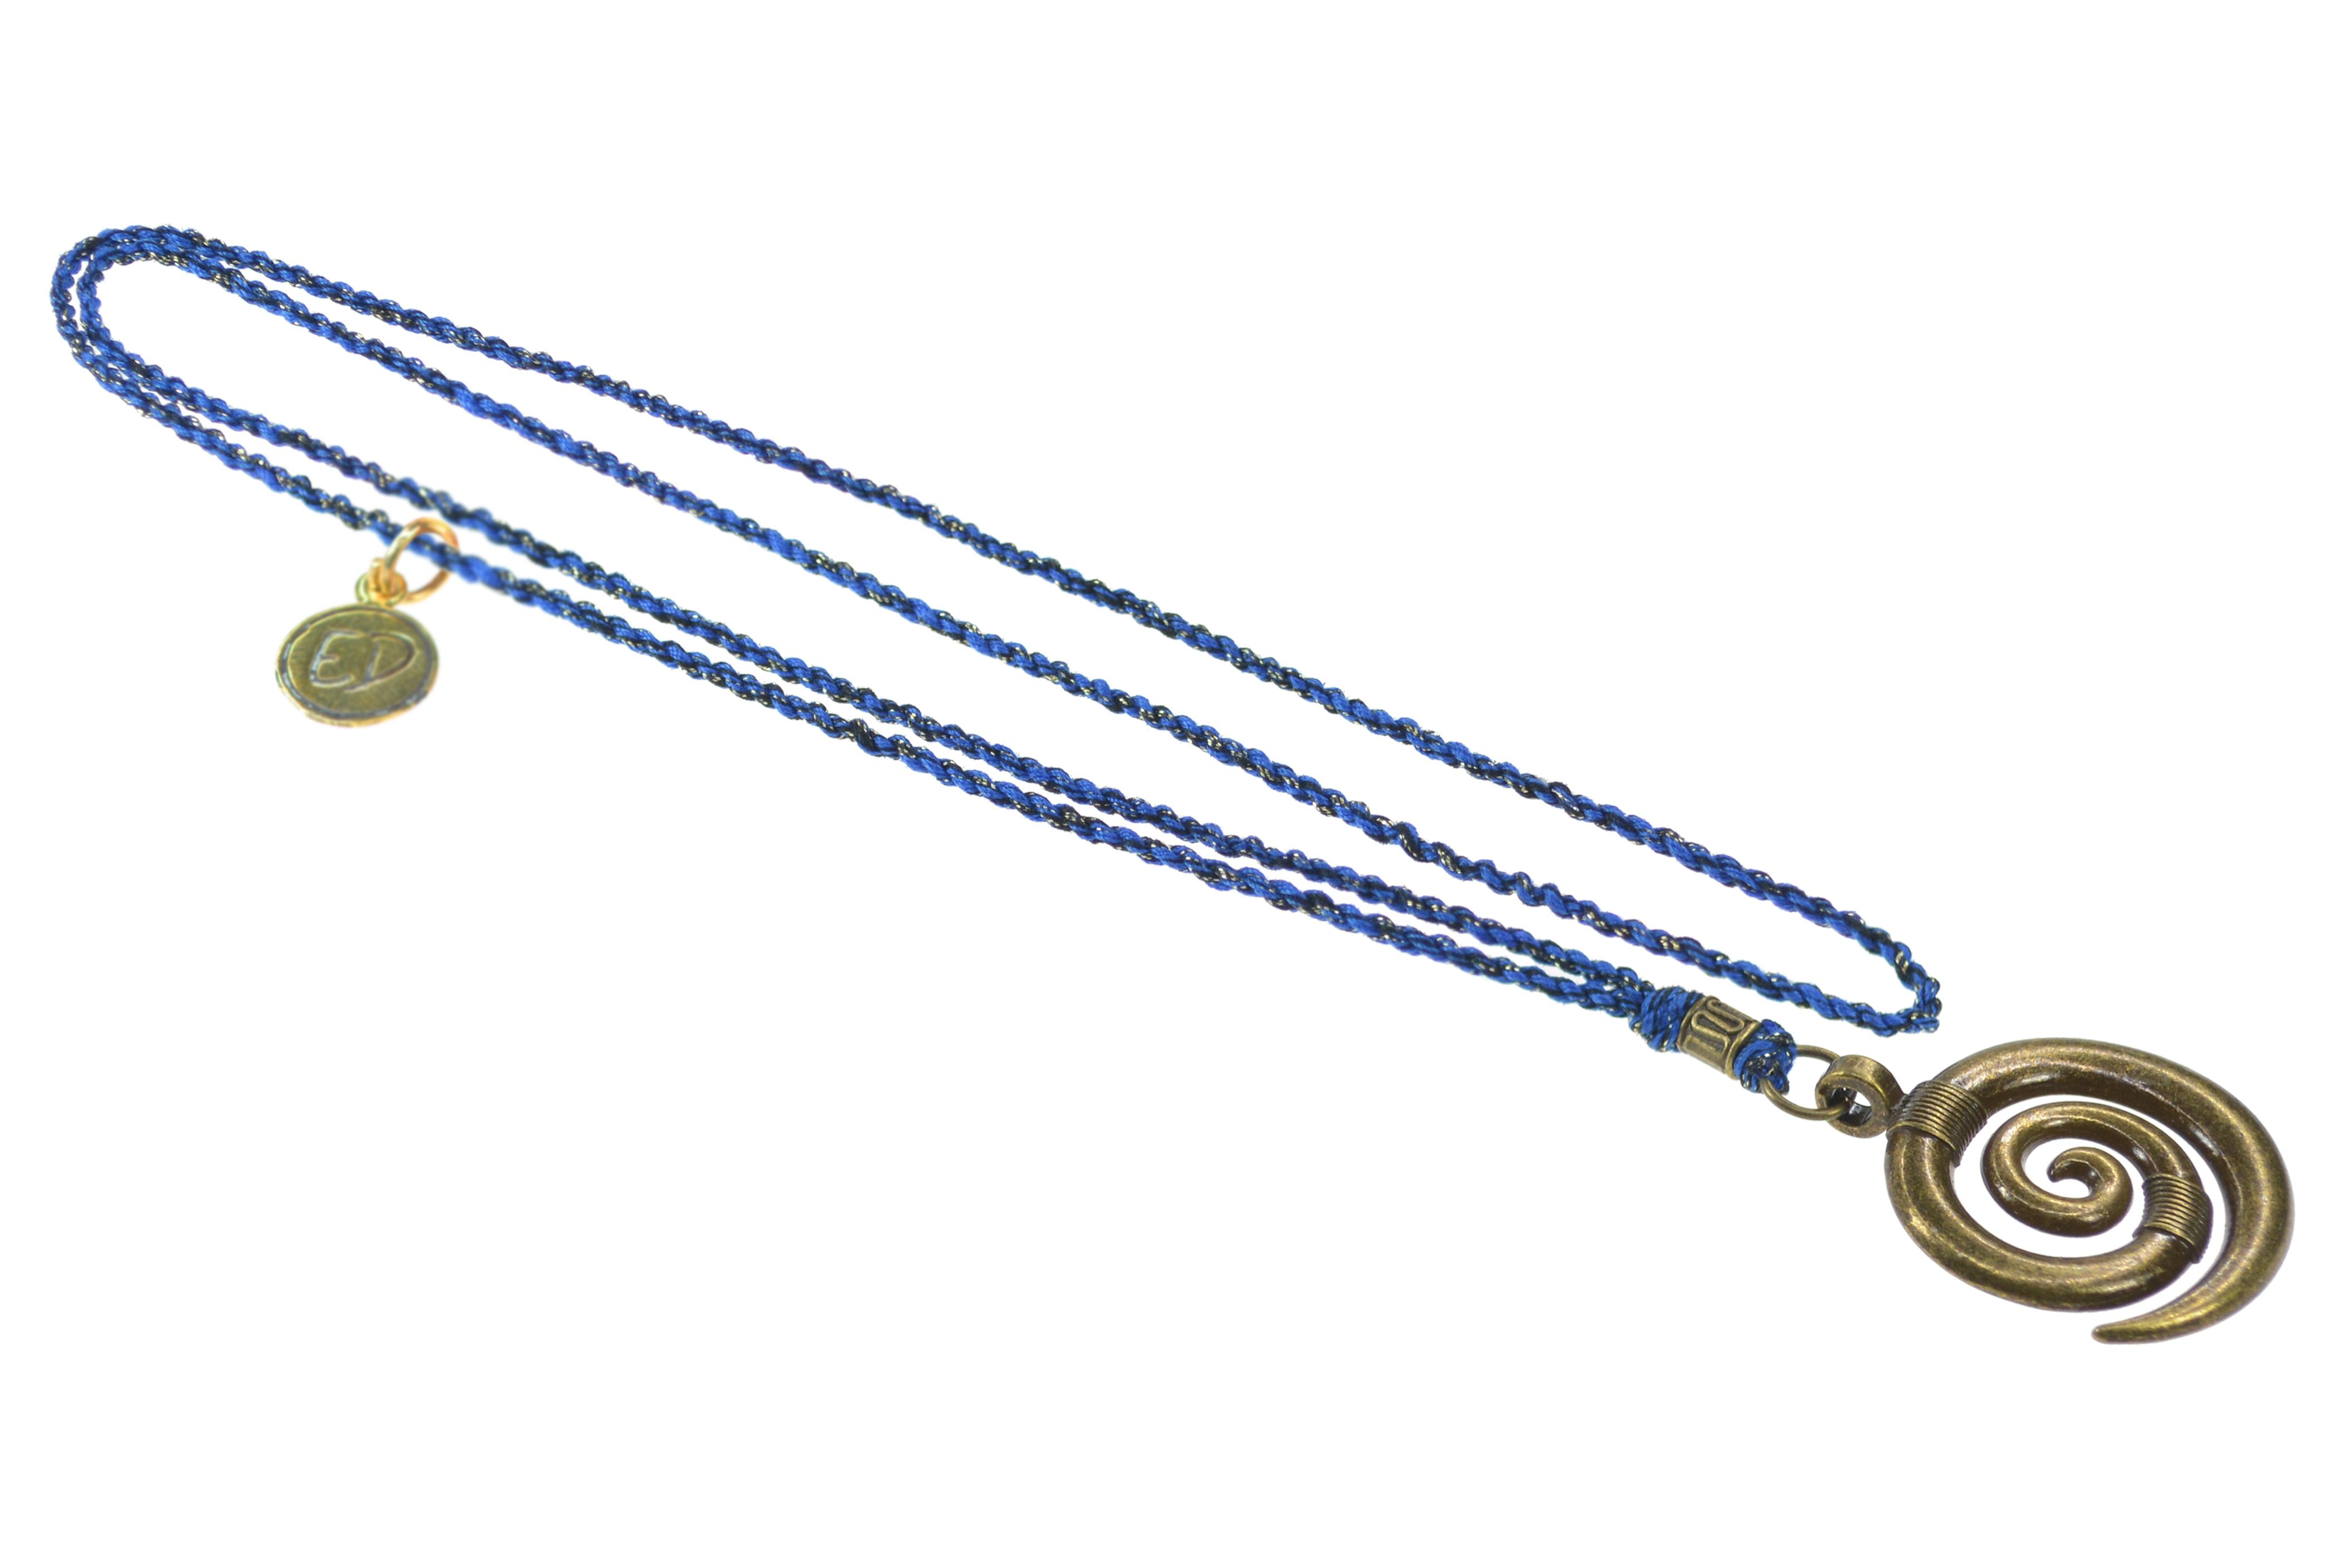 Pánsky prírodný náhrdelník s príveskom špirála - modrý